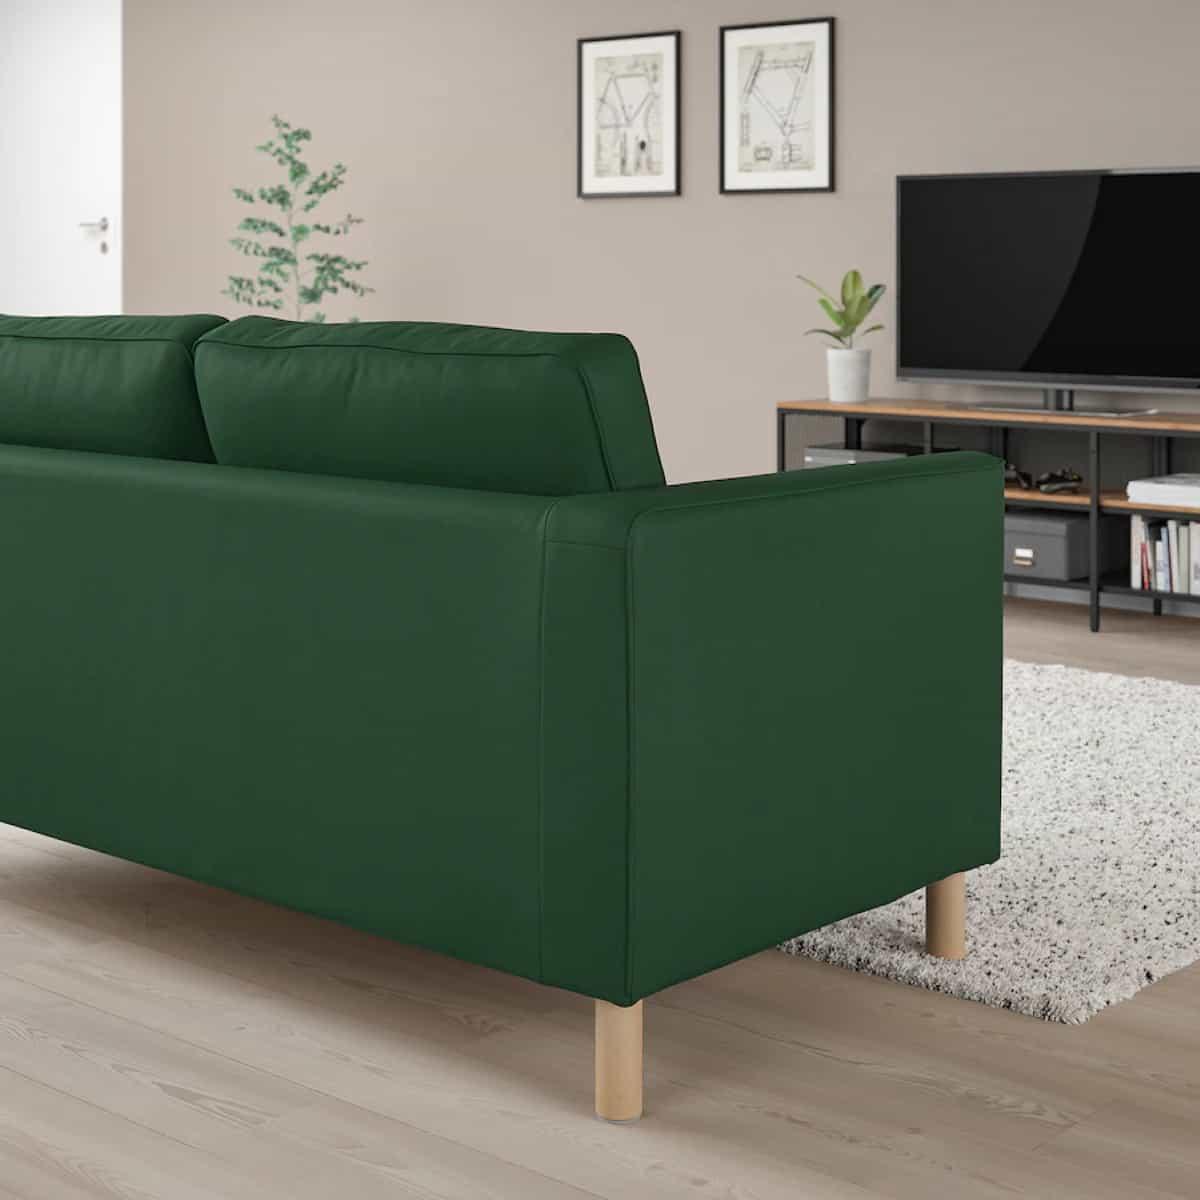 sofa verde parup de ikea tres plazas